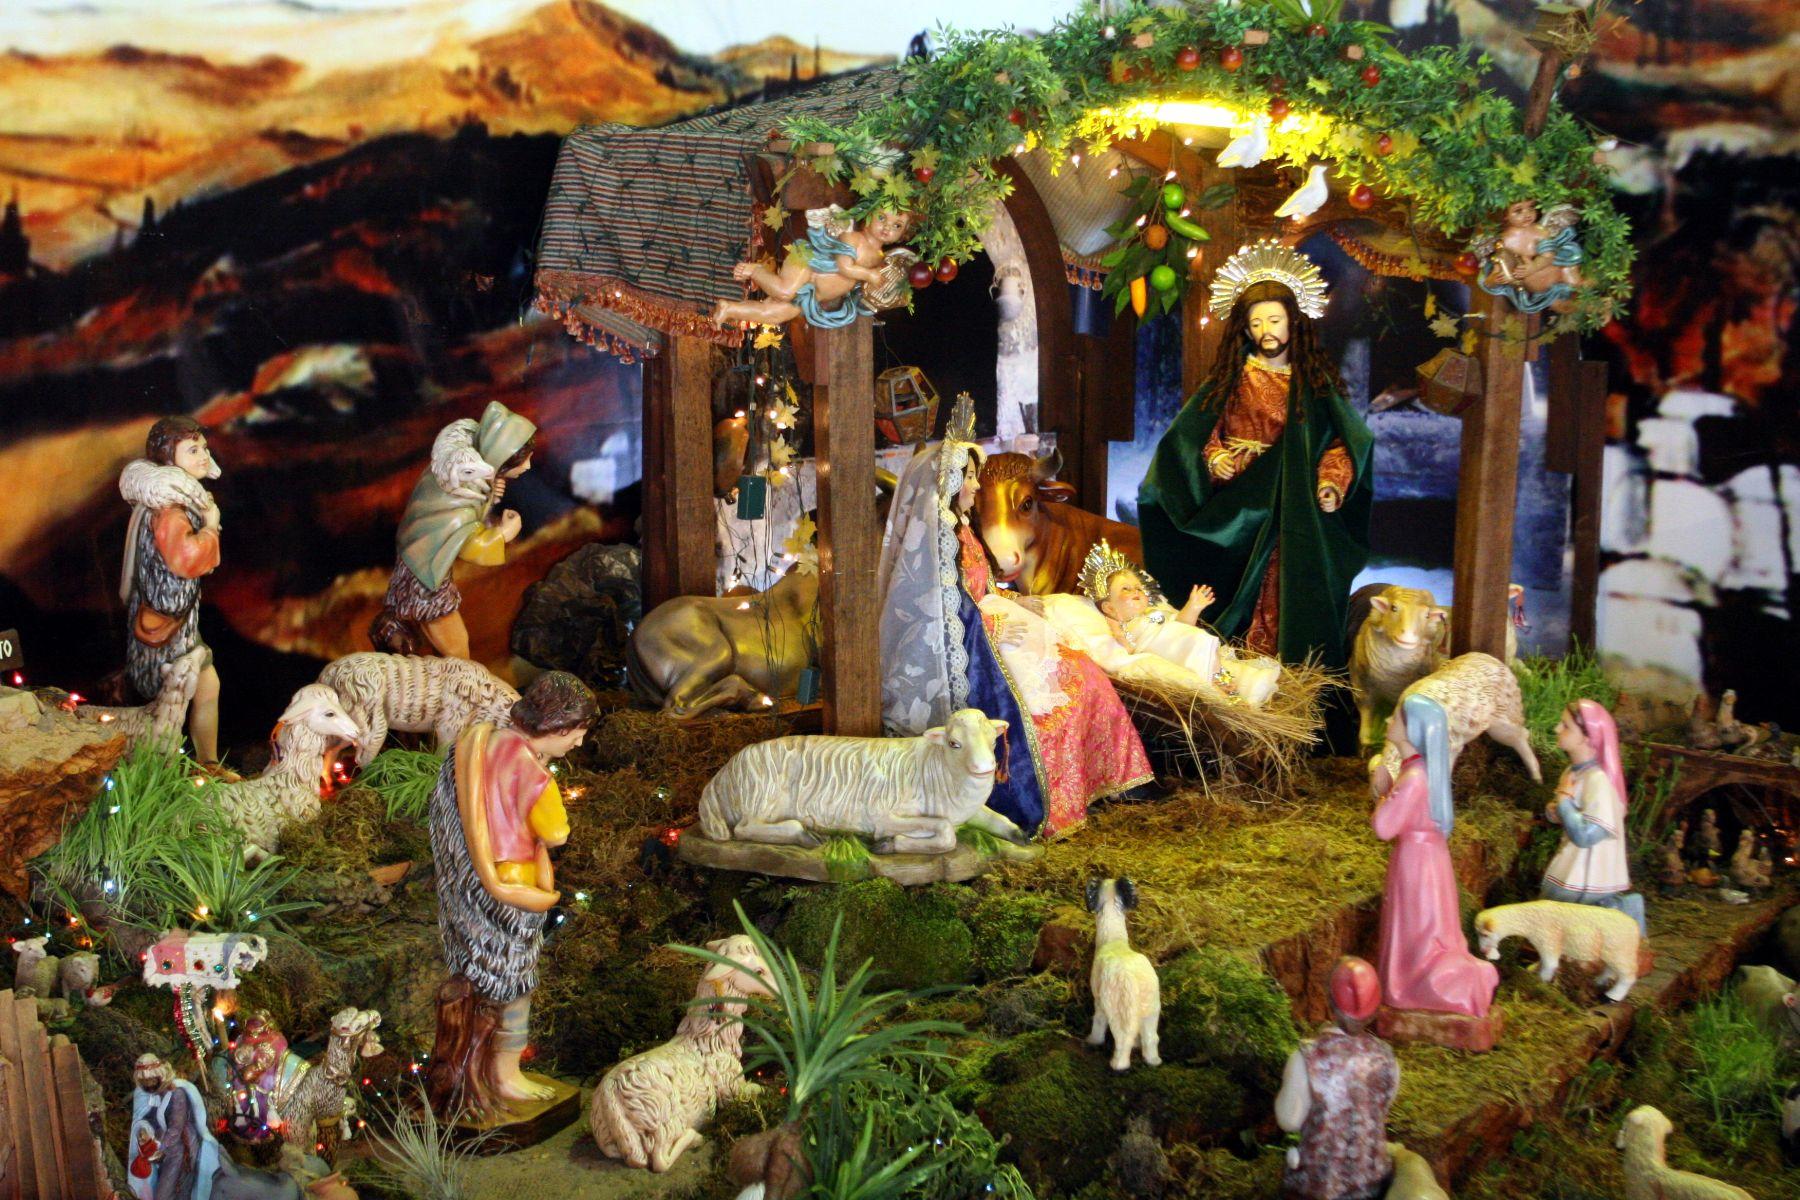 Image gallery nacimientos de navidad - Dibujos de nacimientos de navidad ...